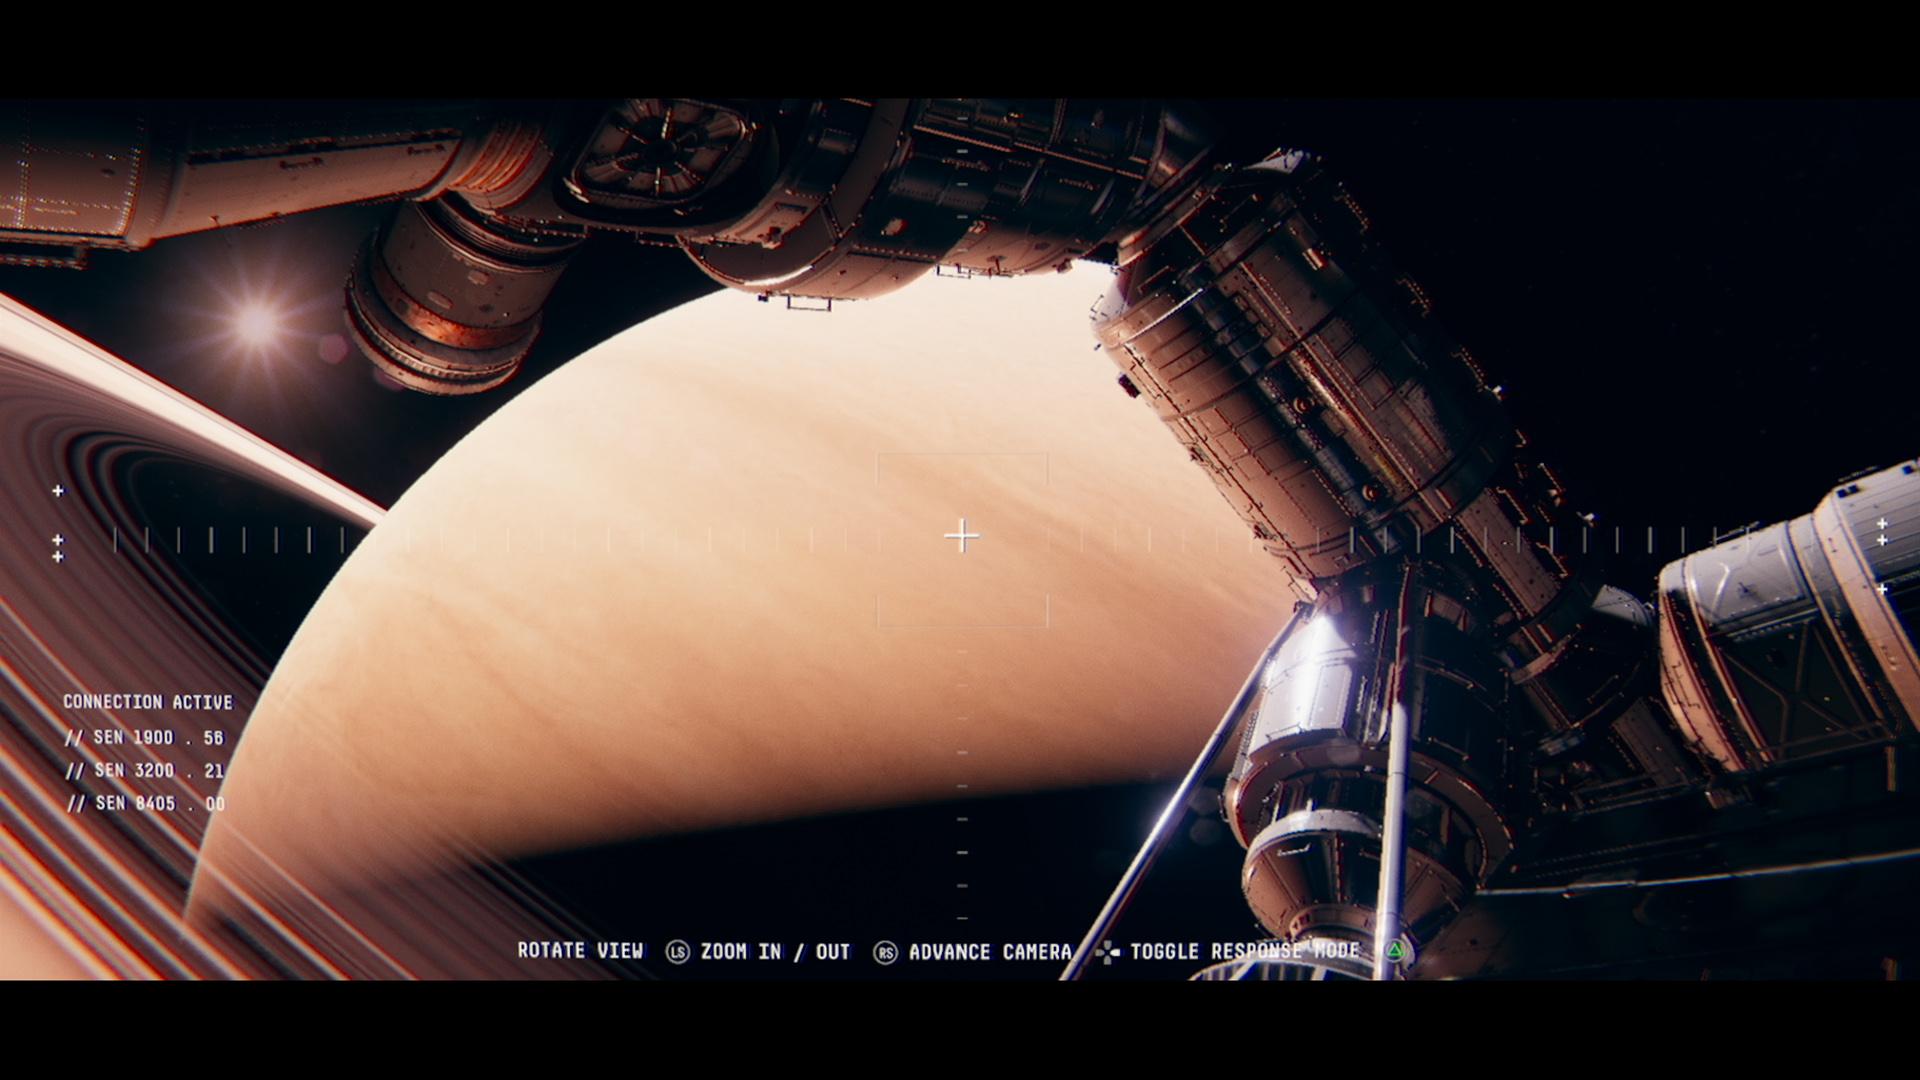 科幻惊悚游戏《观测号》Steam版限时促销 仅售40元